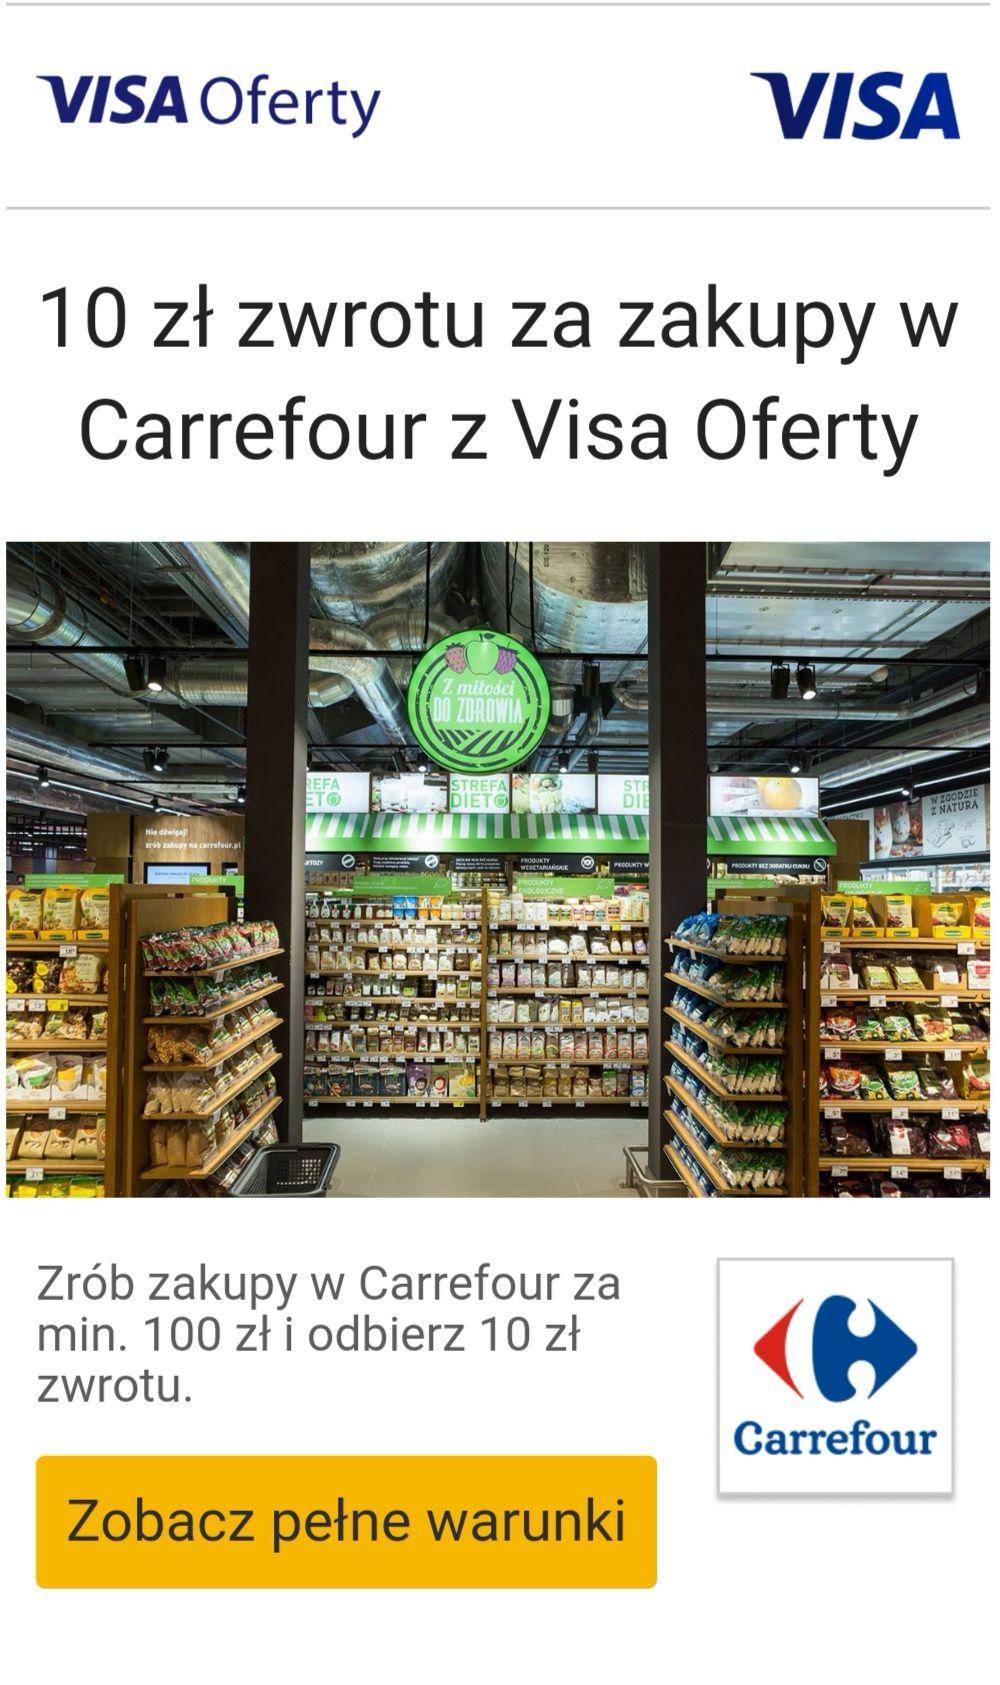 10 zł zwrotu za zakupy w Carrefour z Visa Oferty